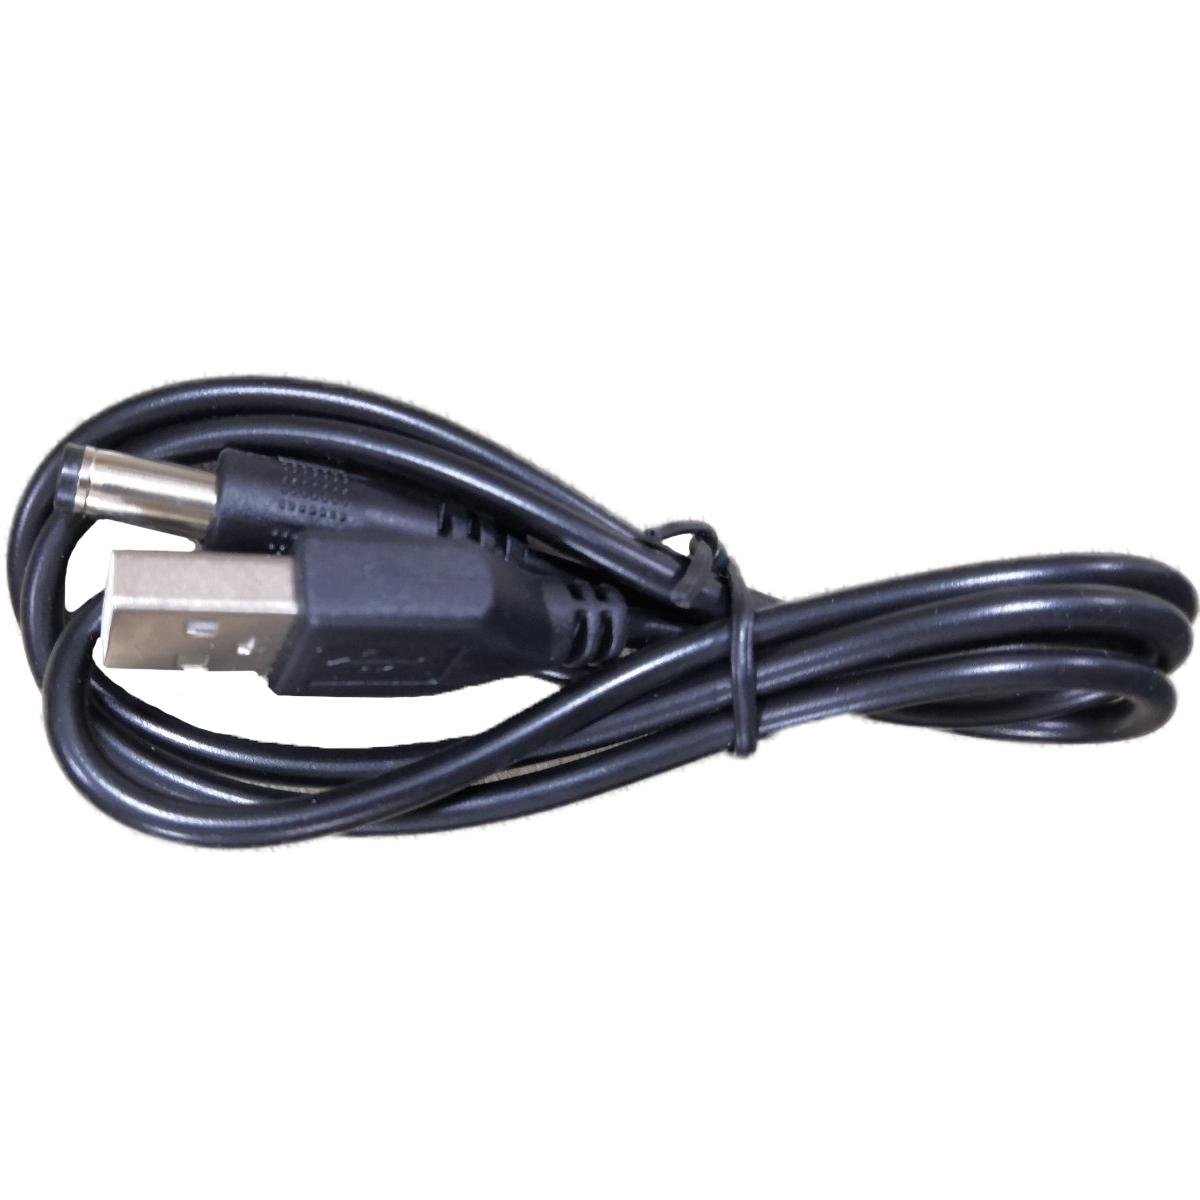 猫除け 人気商品 超定番 充電 USB ケーブル 鳥獣駆除機充電USBケーブル